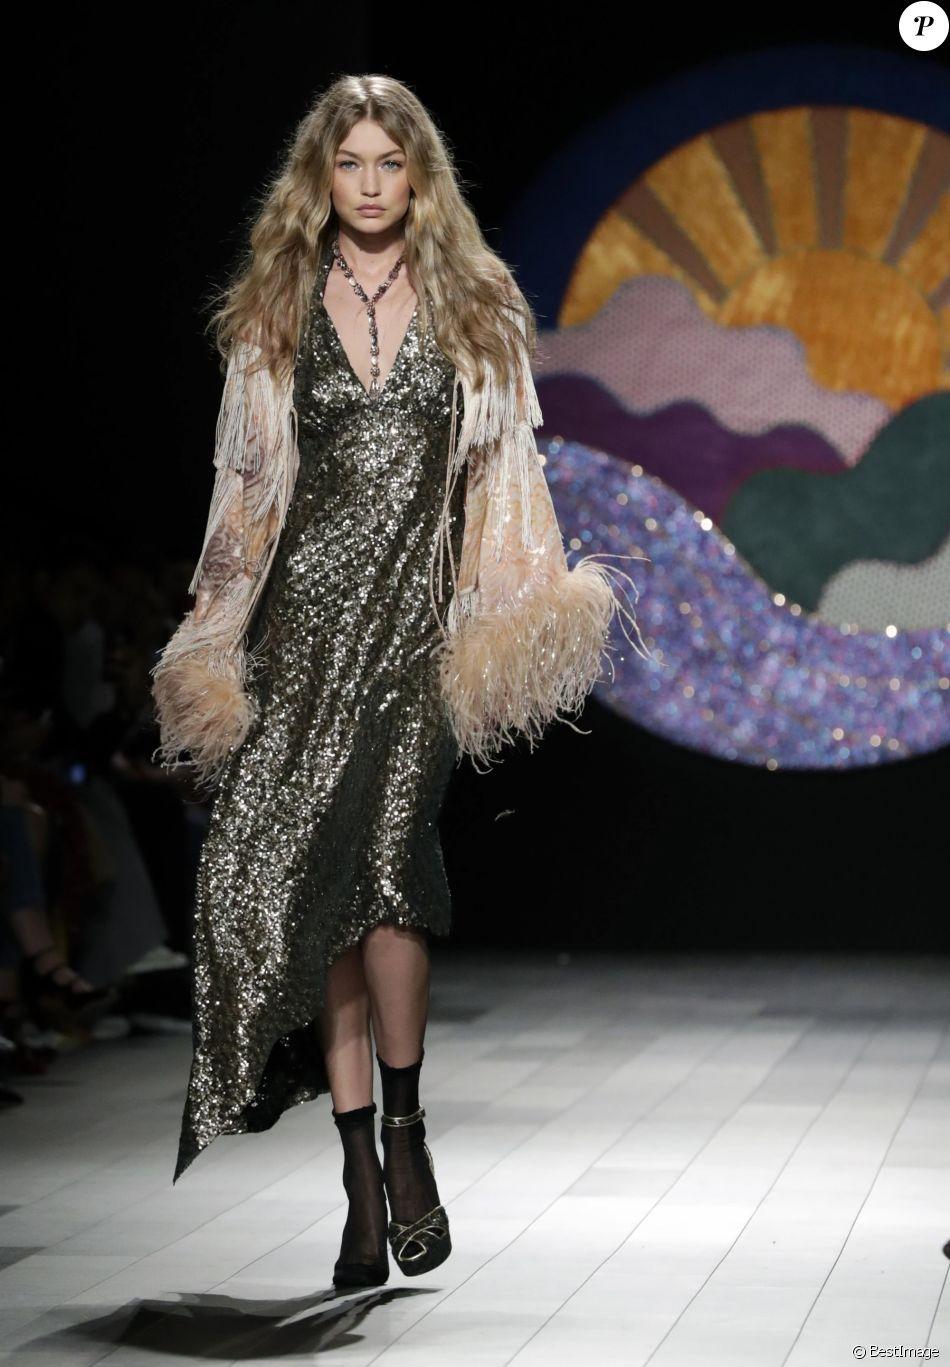 Gigi Hadid défilant pour Anna Sui lors de la Fashion Week à New York, le 11 septembre 2017. Lors de son entrée sur le catwalk, le mannequin de 22 ans a soudainement perdu sa chaussure droite mais a poursuivi le show comme si de rien n'était sur la pointe du pied.